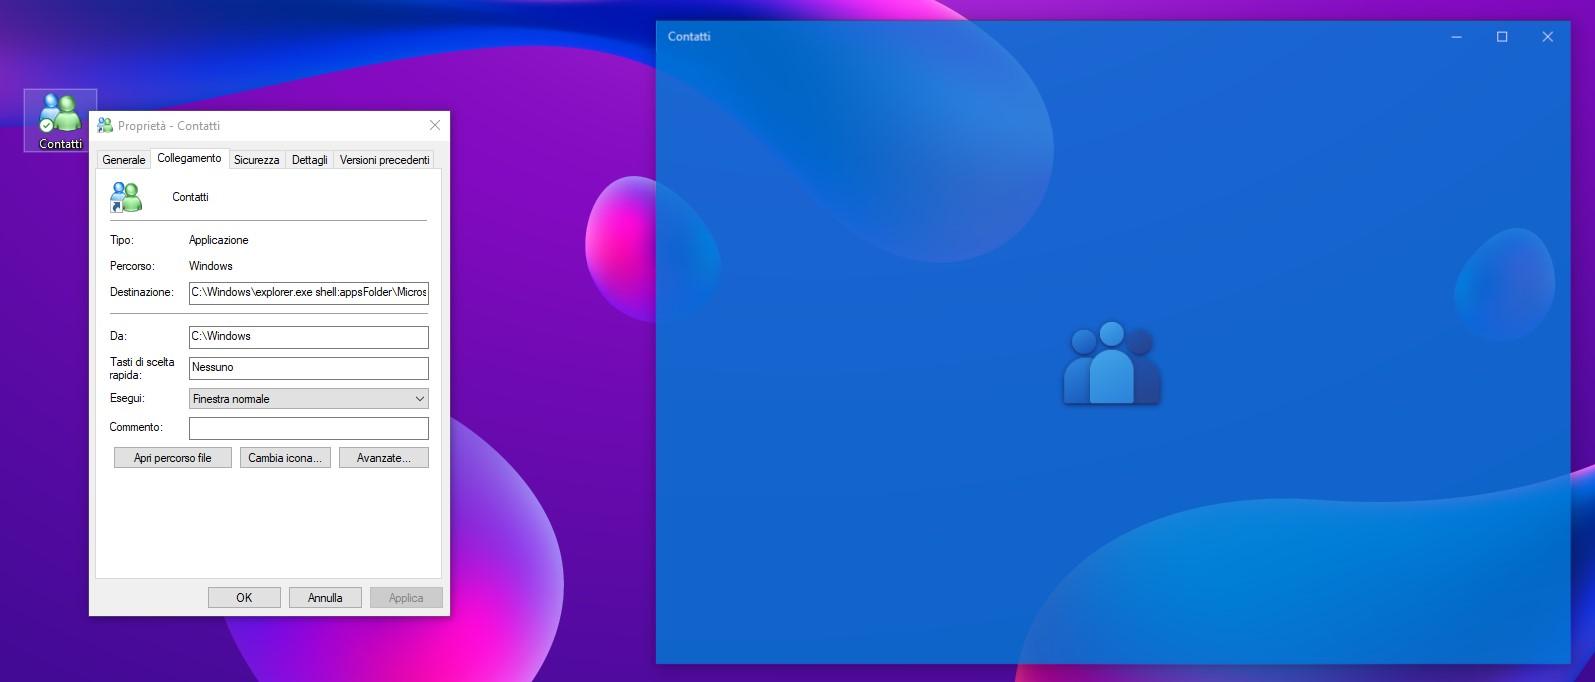 Contatti Microsoft - Collegamento per aprire l'app in Windows 10